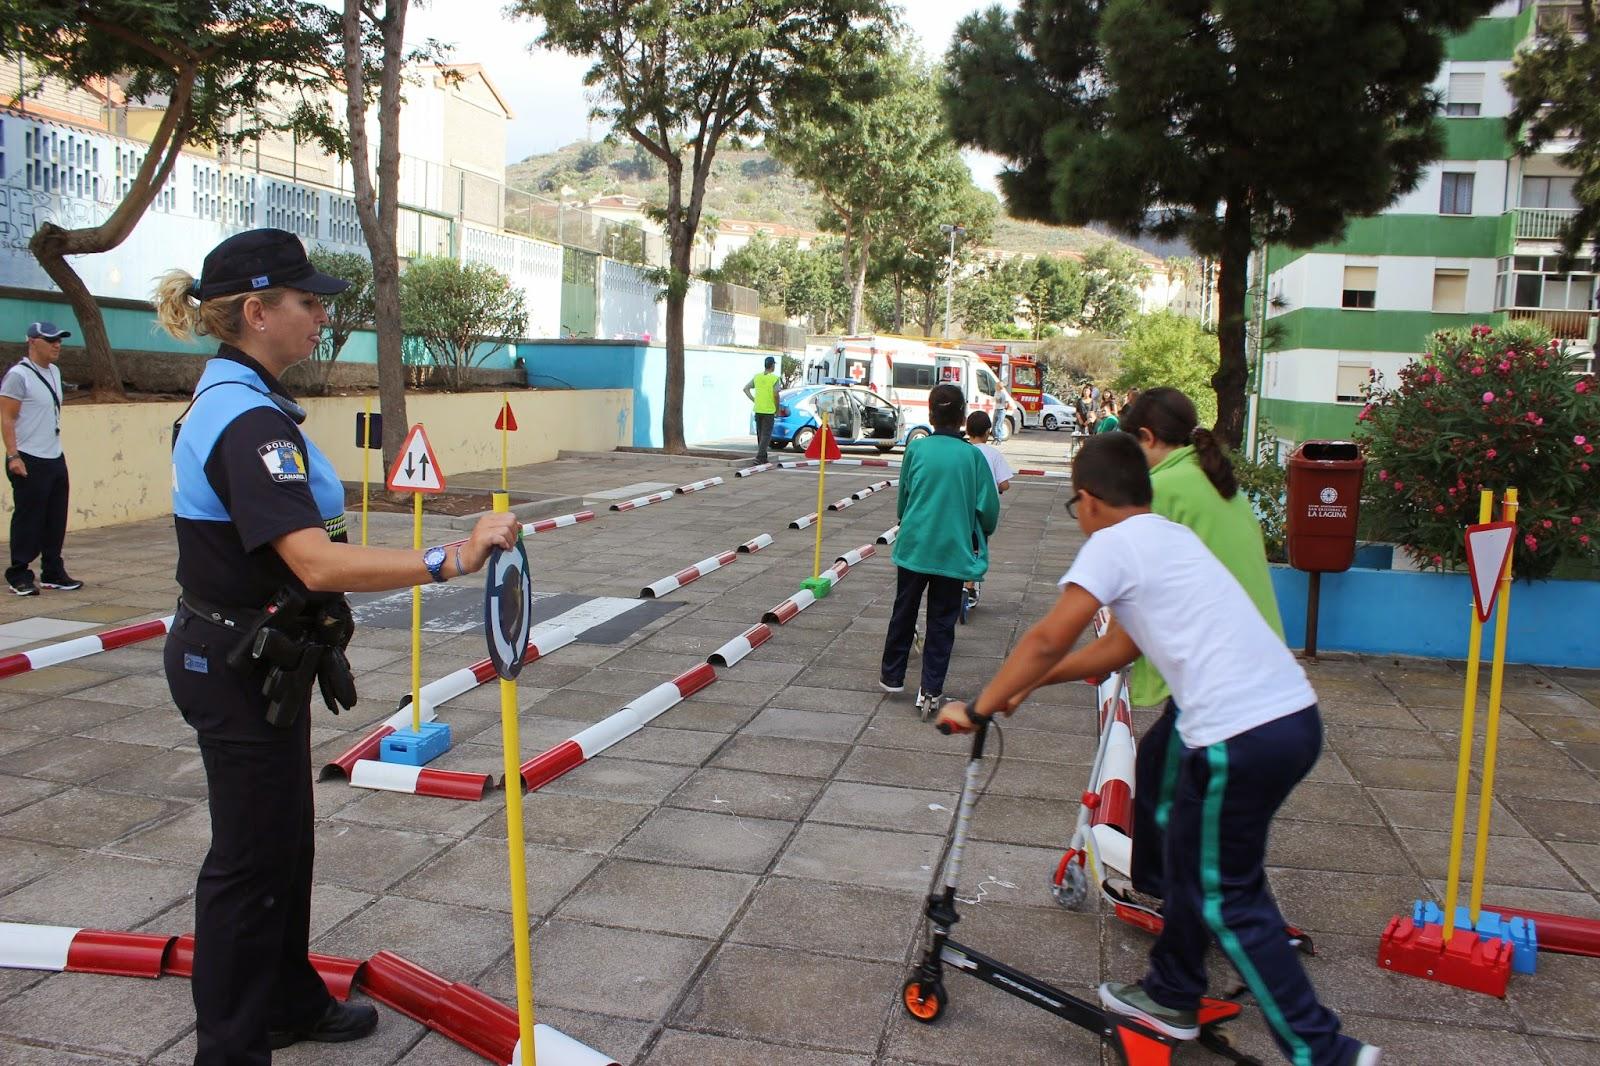 Circuito Vial : Lección sobre seguridad y educación vial en el colegio de